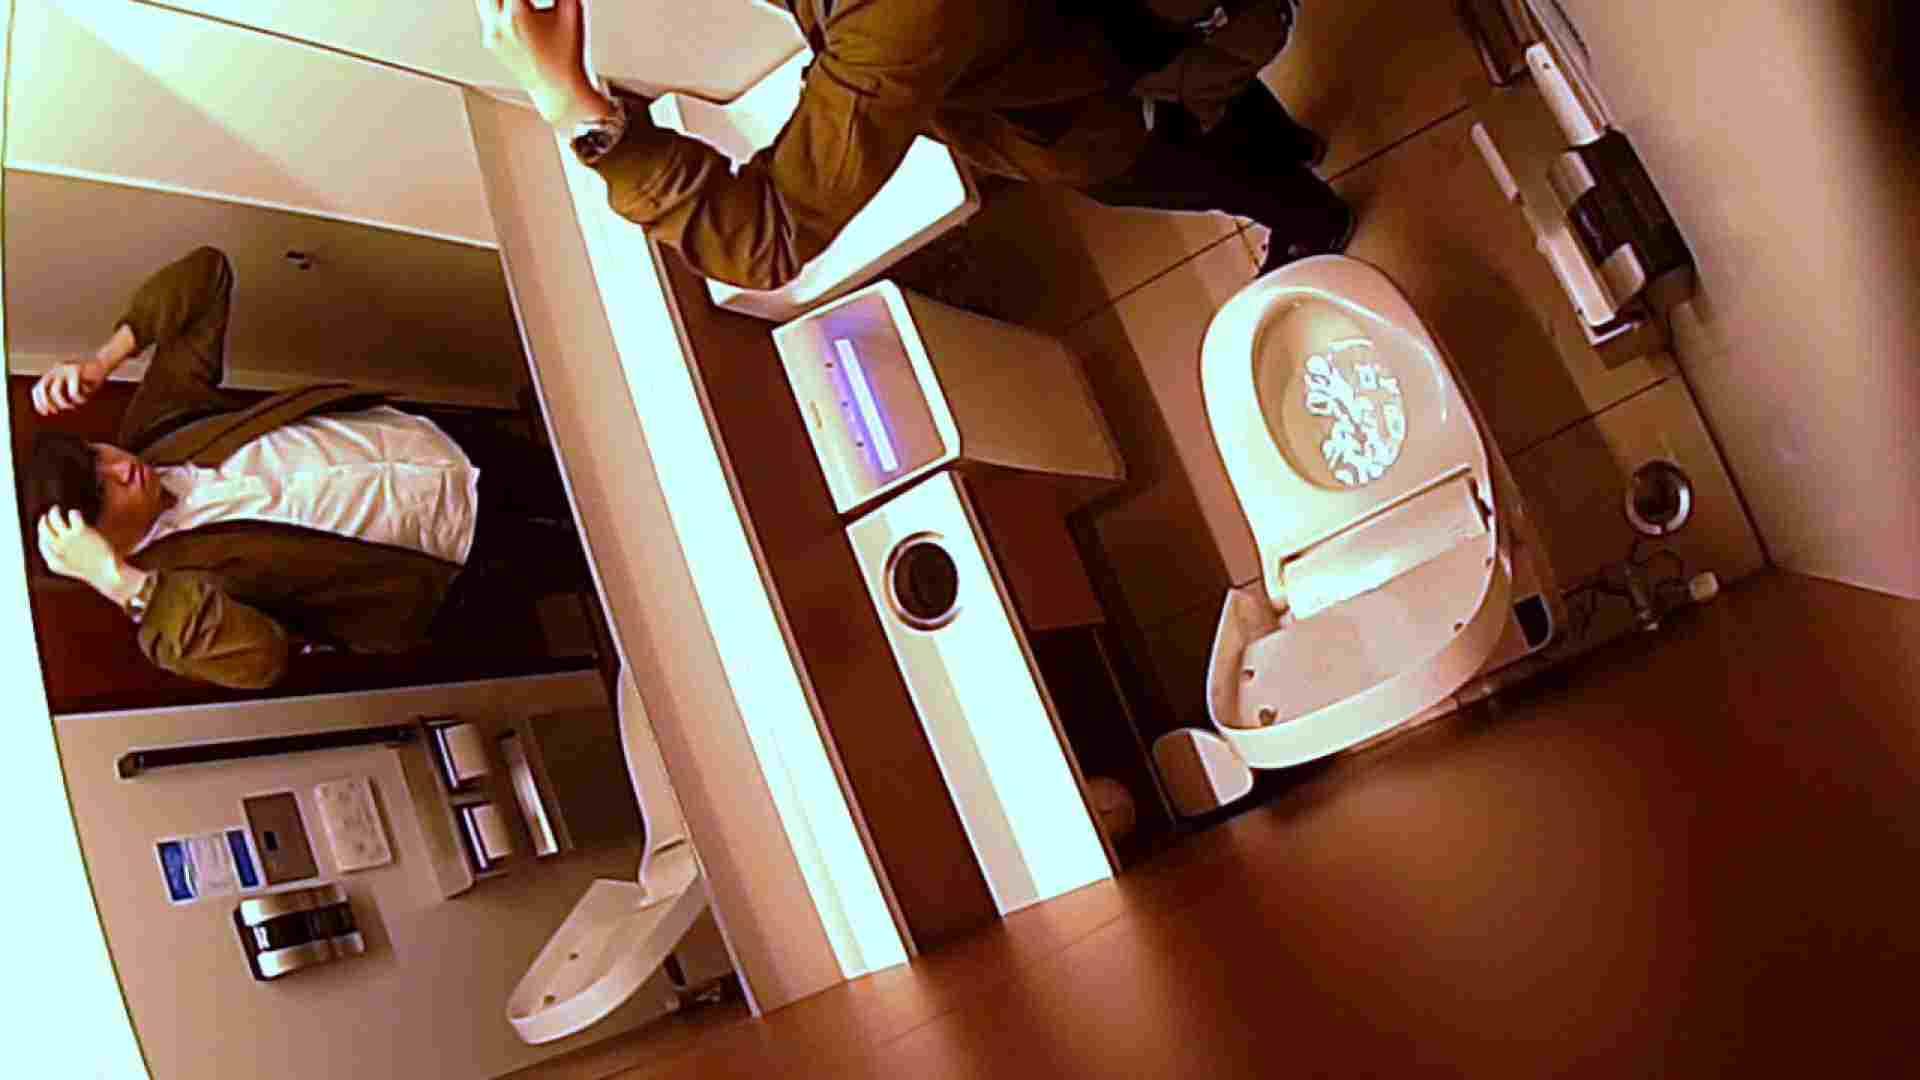 すみませんが覗かせてください Vol.30 トイレ | 0  100連発 47